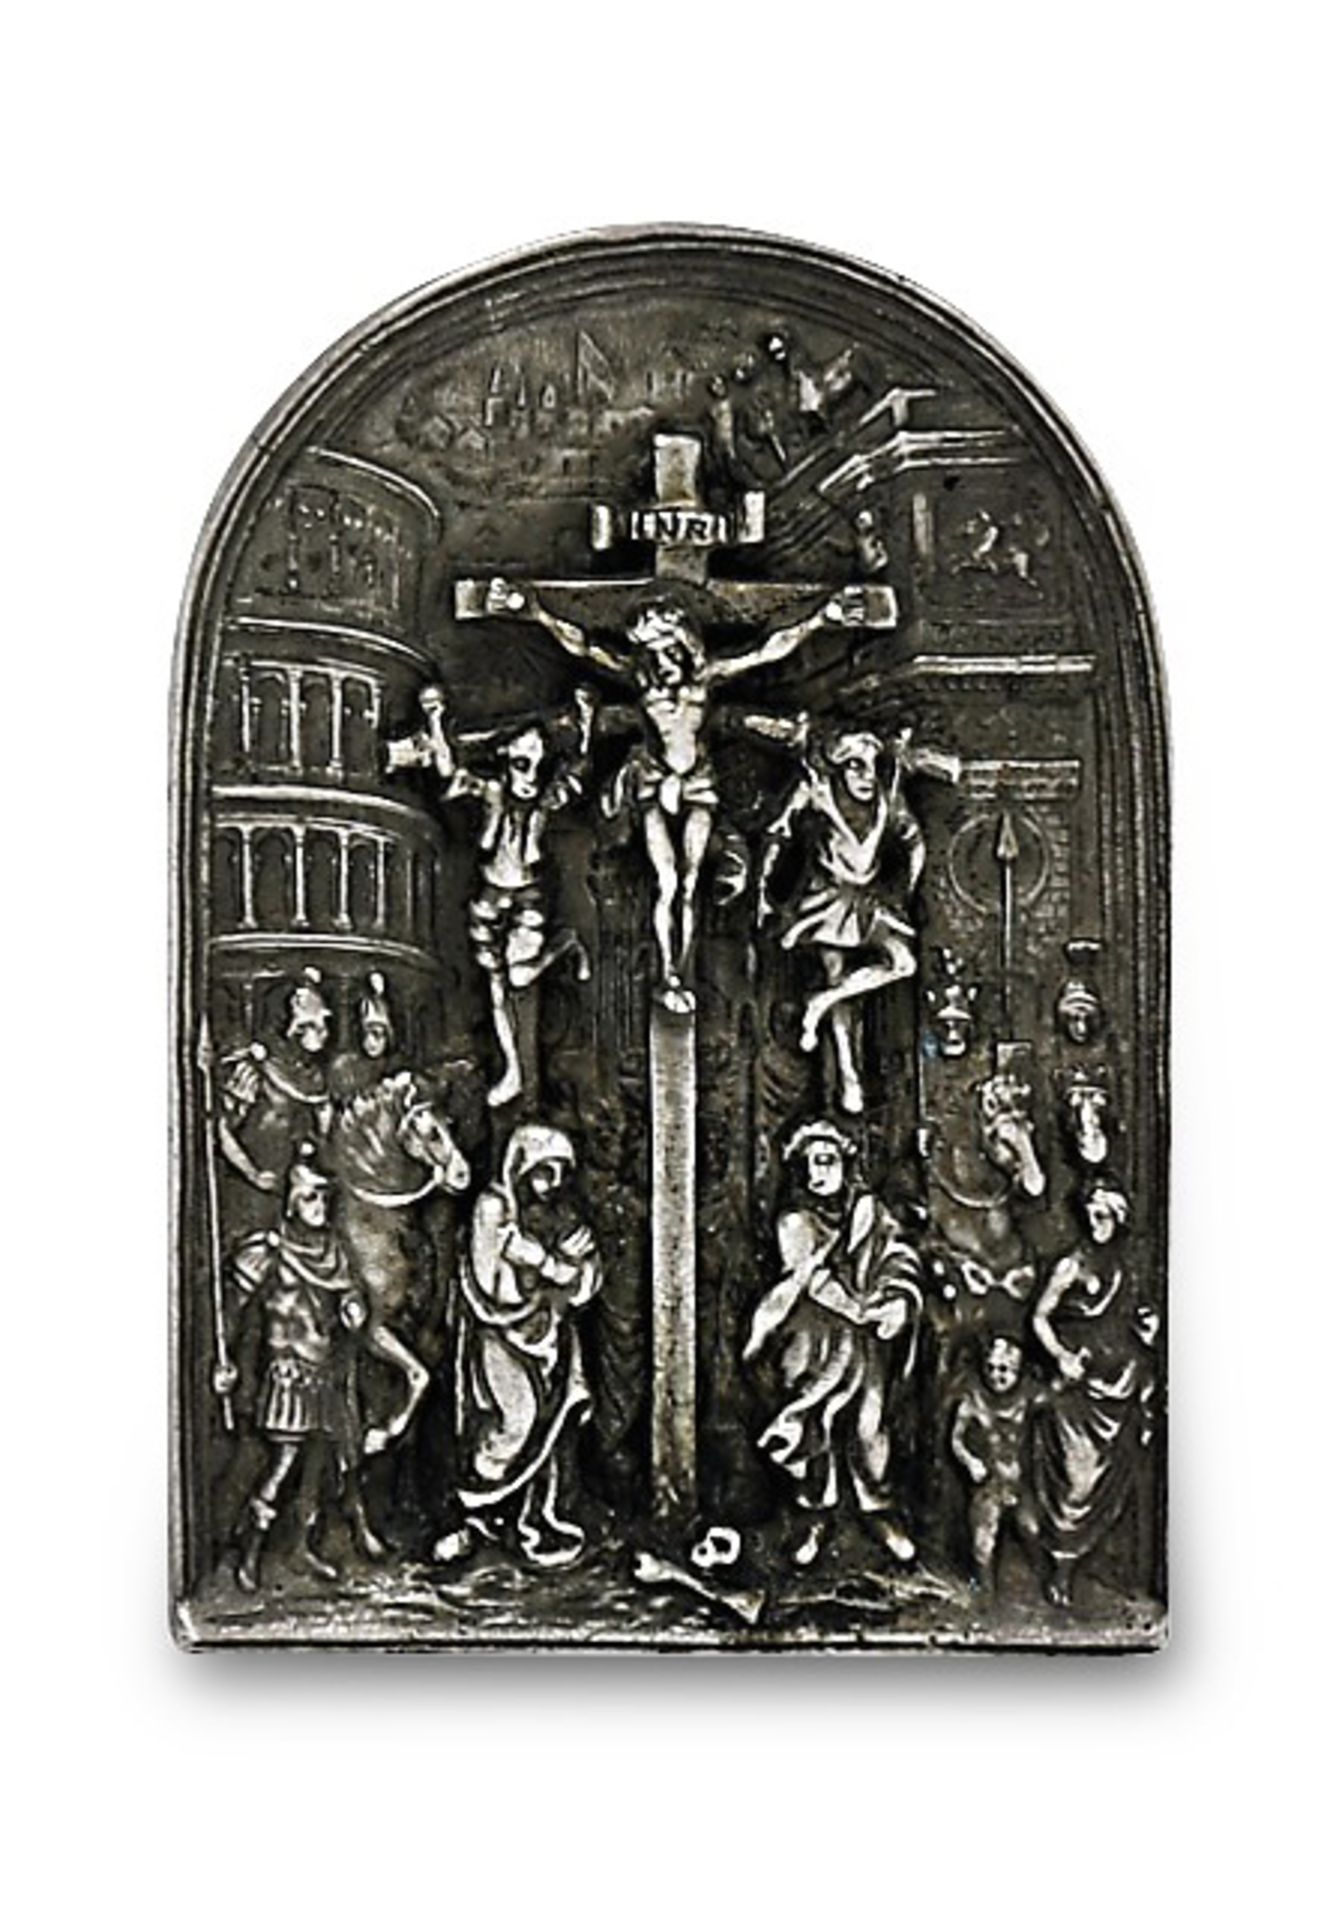 Relieftafel: Kreuzigung Christi